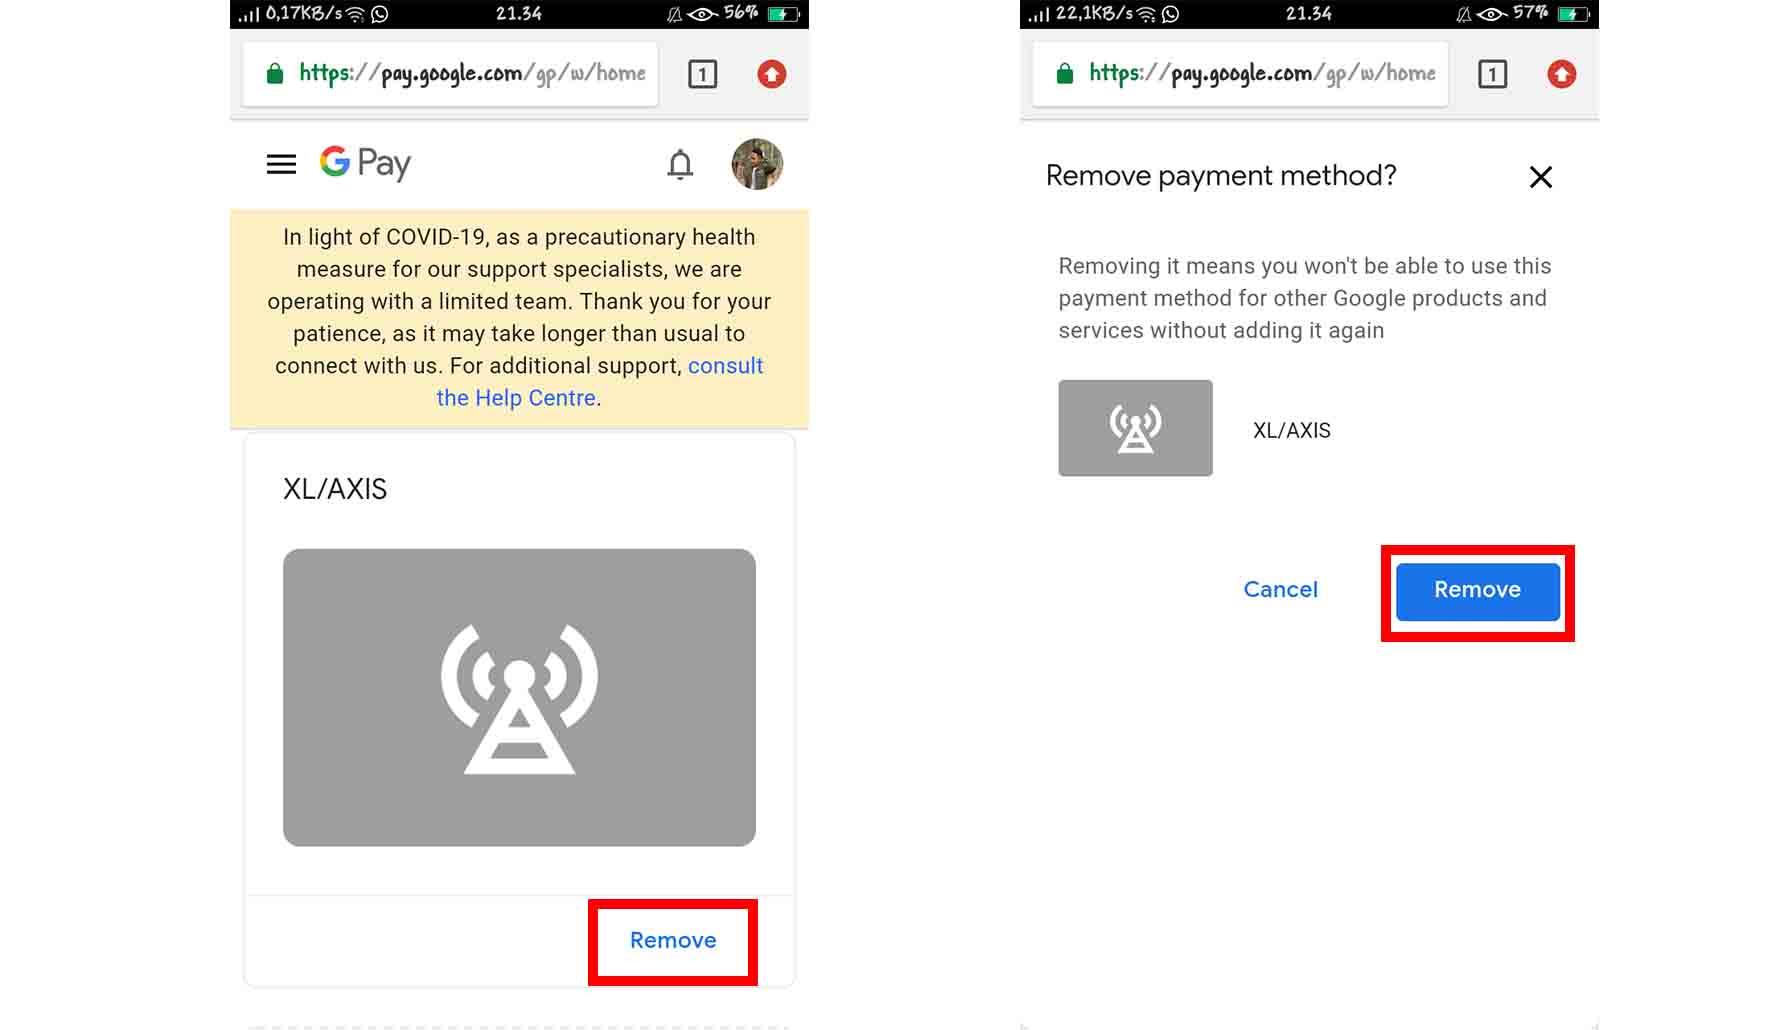 Cara Menghapus Metode Pembayaran Google Play